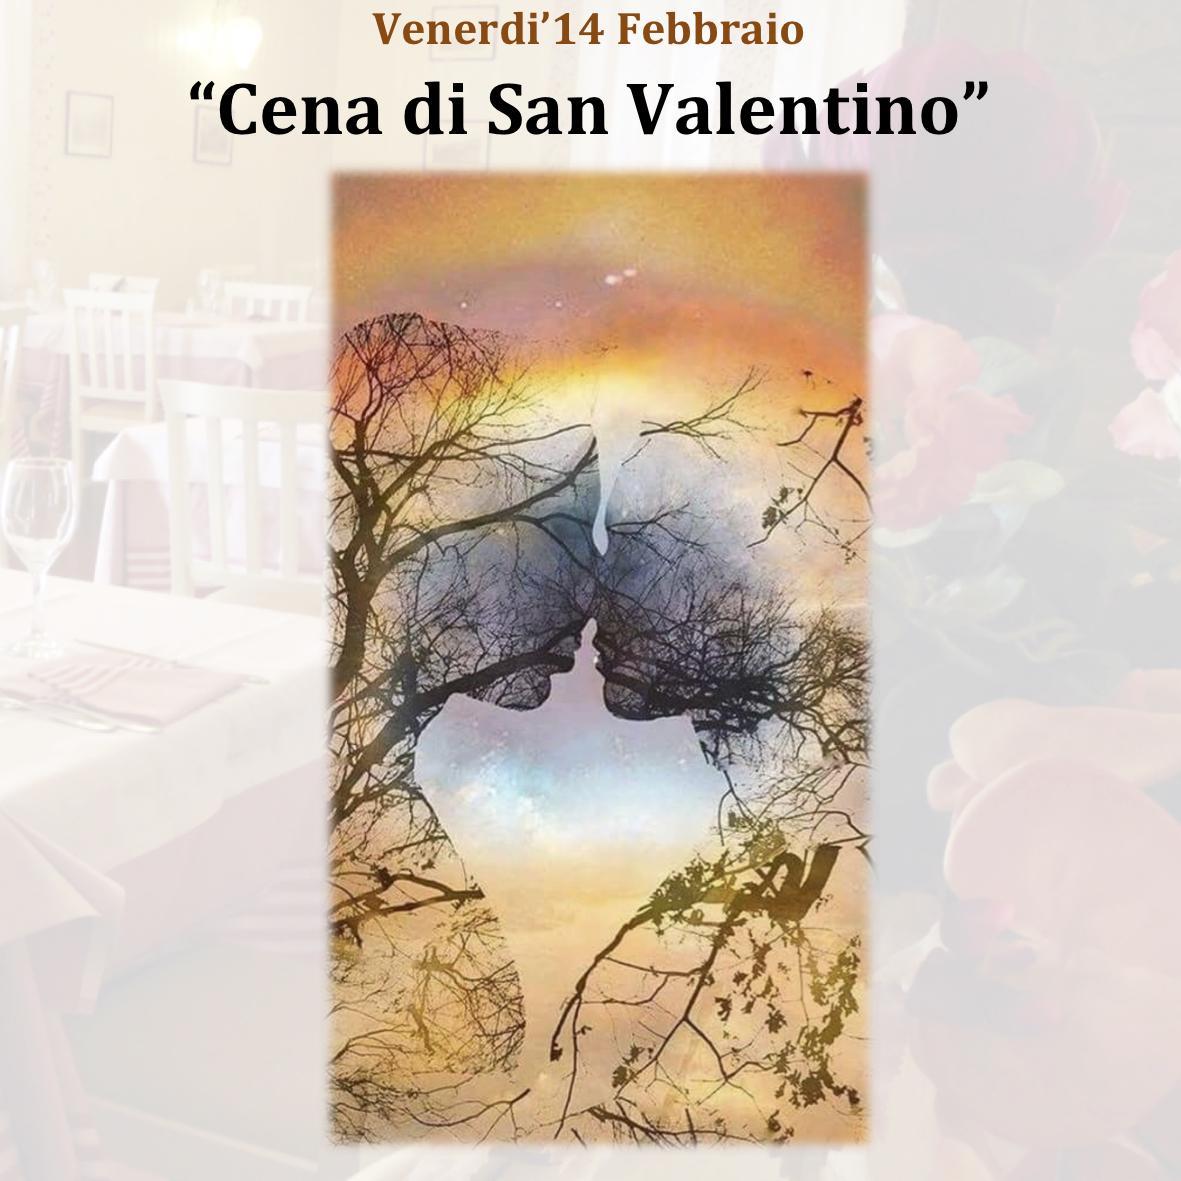 """""""Cena di San Valentino"""" Venerdì 14 Febbraio"""